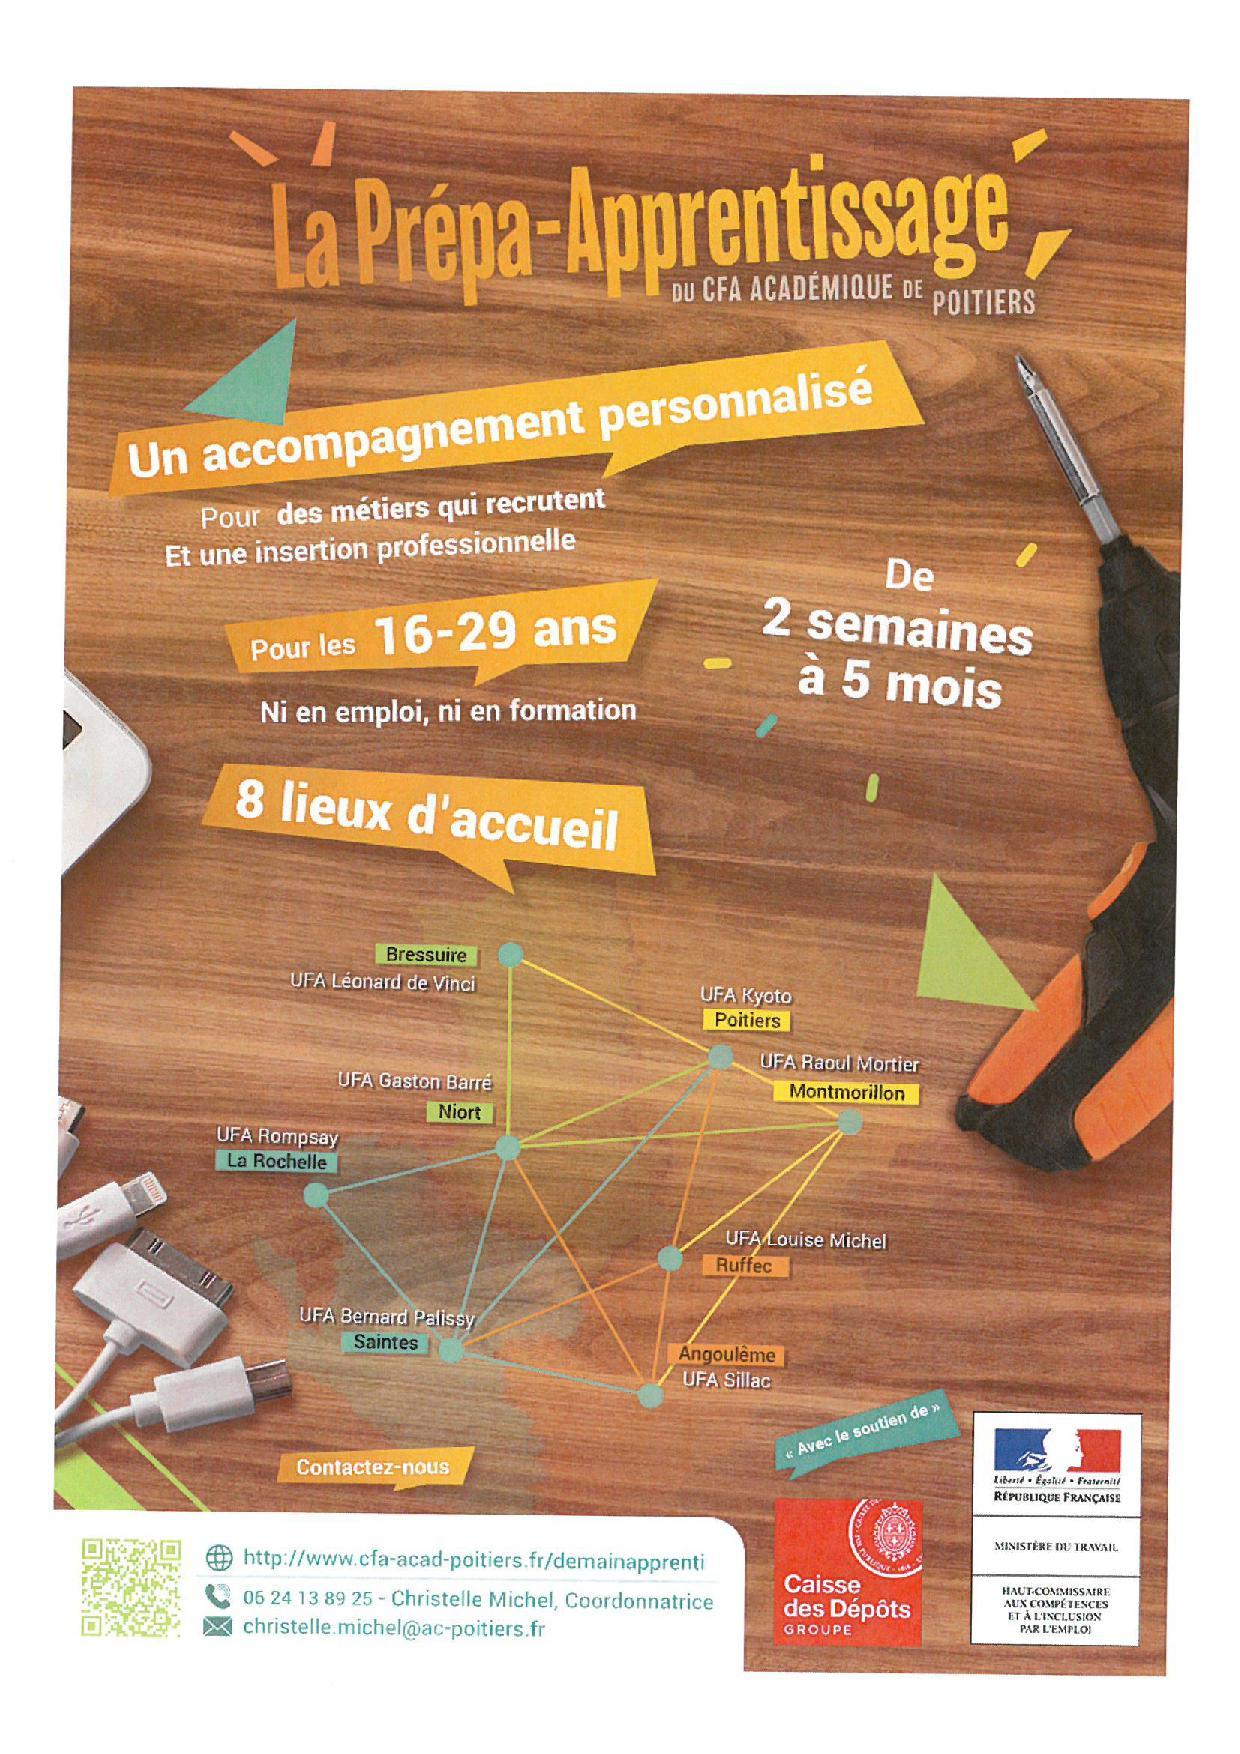 Prepa Apprentissage - CFA Académique de Poitiers - Vienne